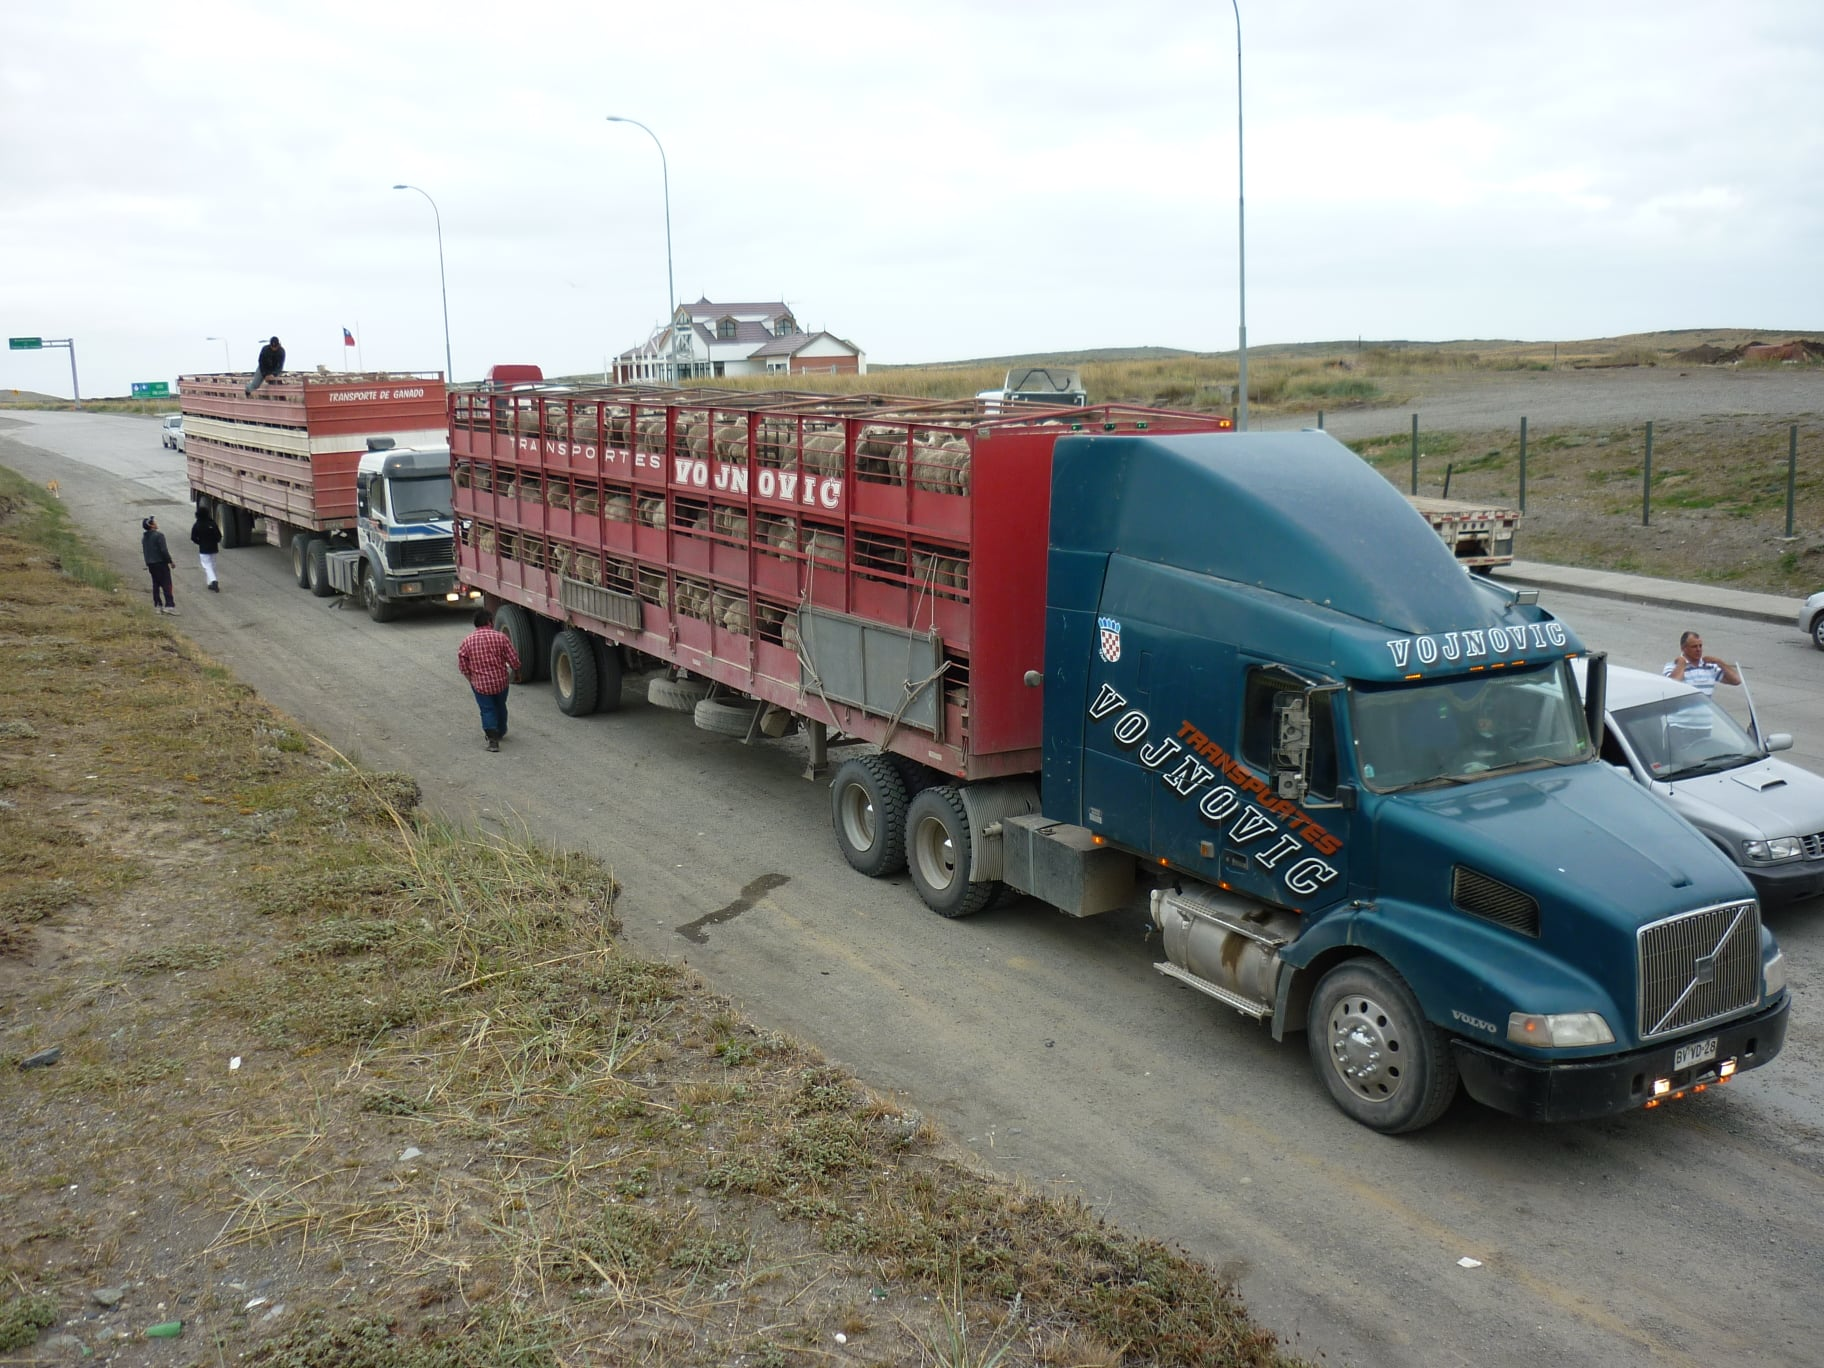 15-1-2021-Patagonie-Argentina-land-met-veel-schapen-Ferry-de-Straat-van-Magellan--Daniel-Caron-Photo-(3)